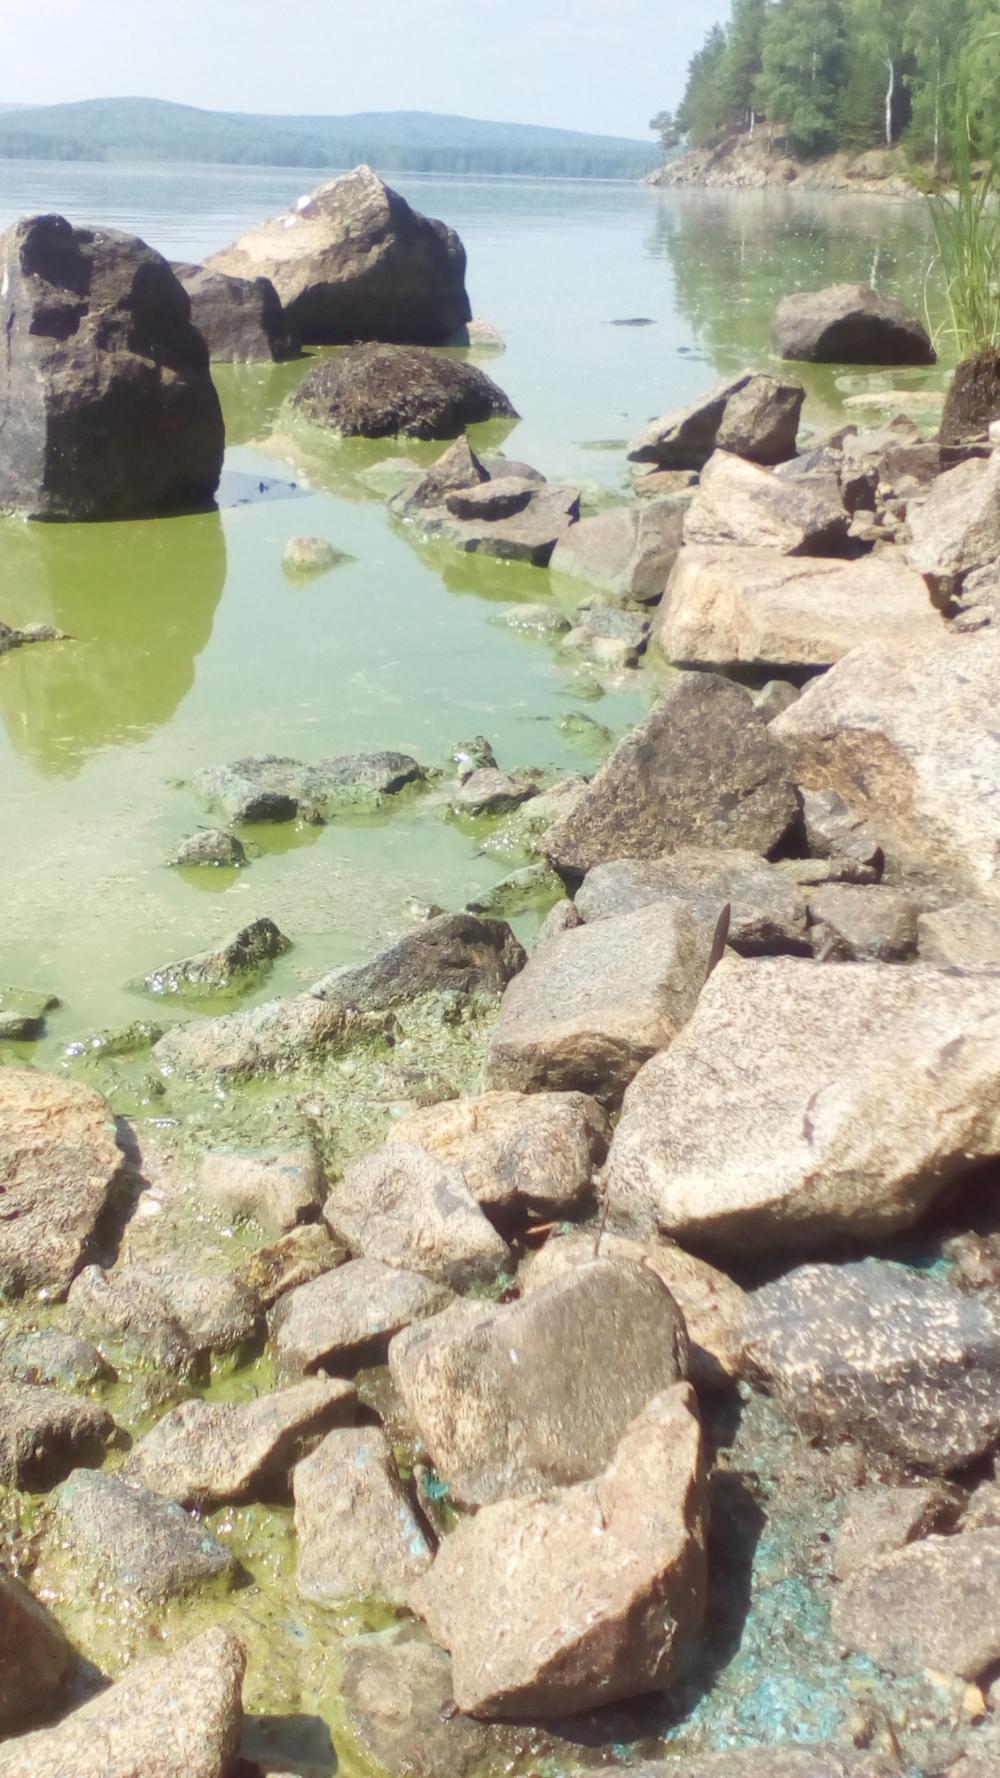 Стремительное обживание водорослями Черноисточинского пруда обусловлено его загрязнением продуктами жизнедеятельности человека.